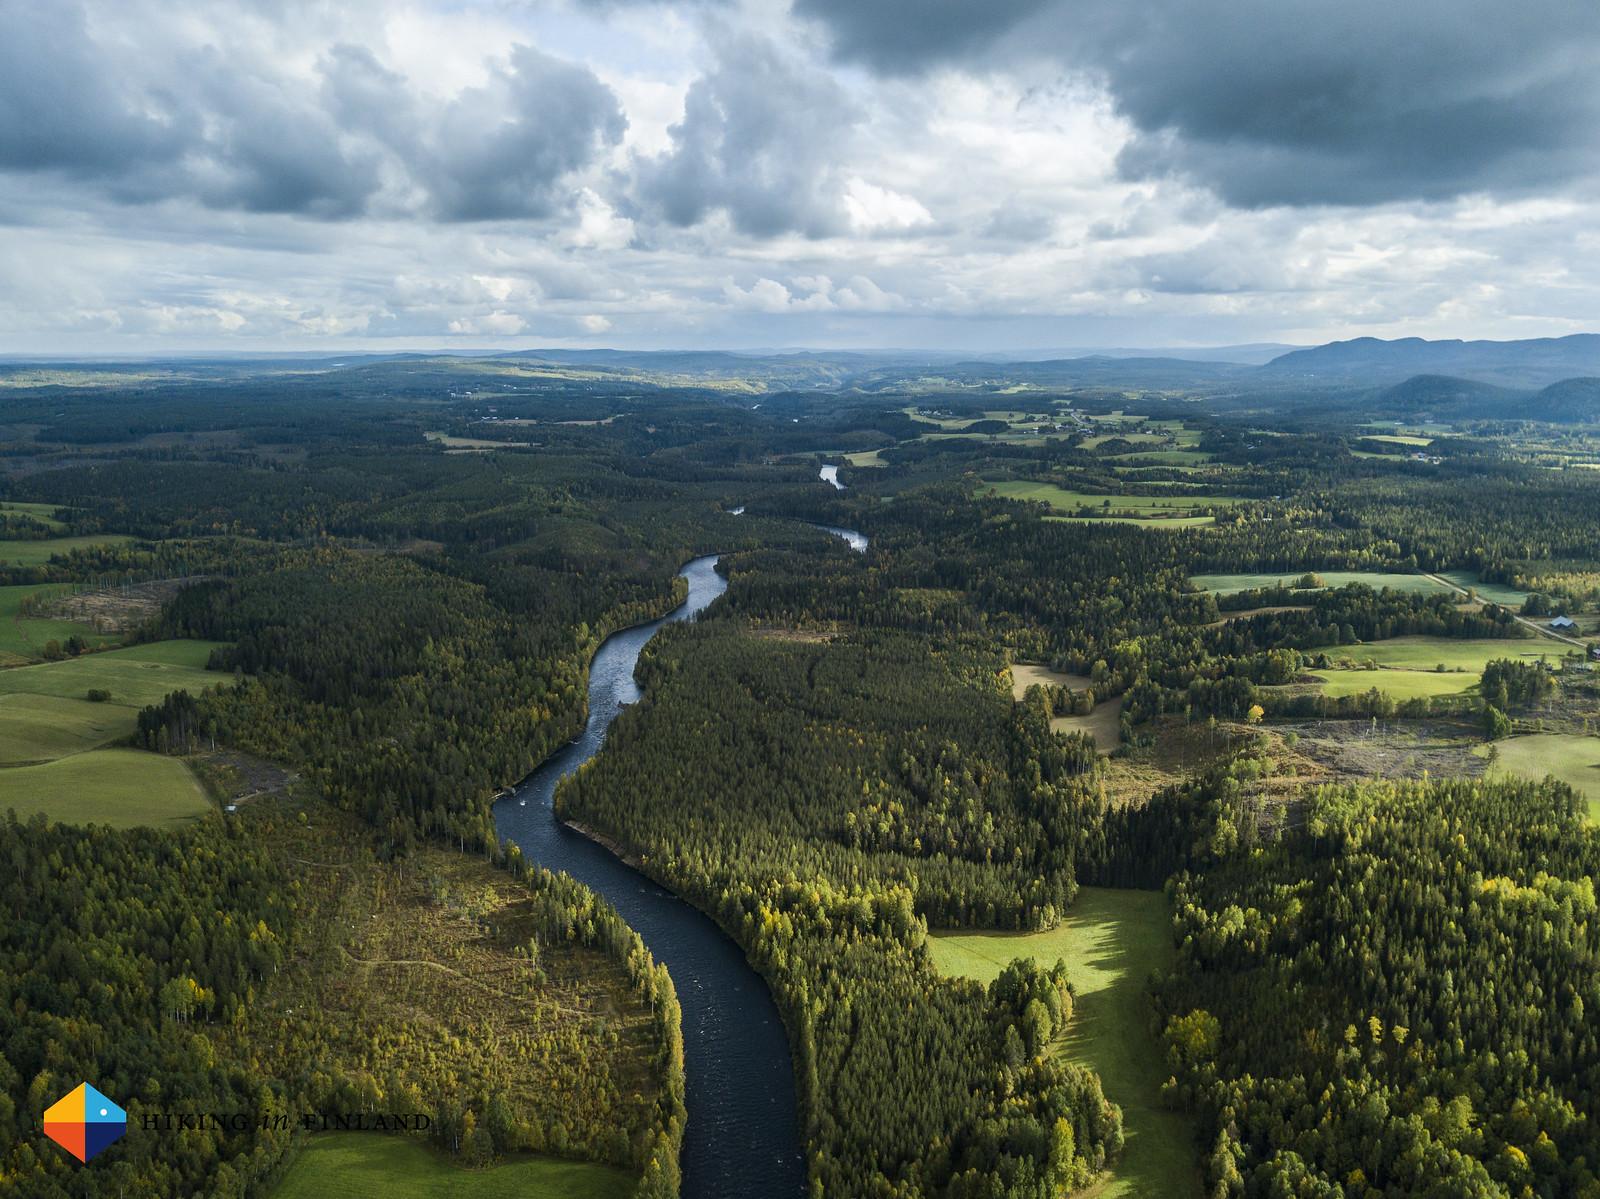 View towards Bjurholm